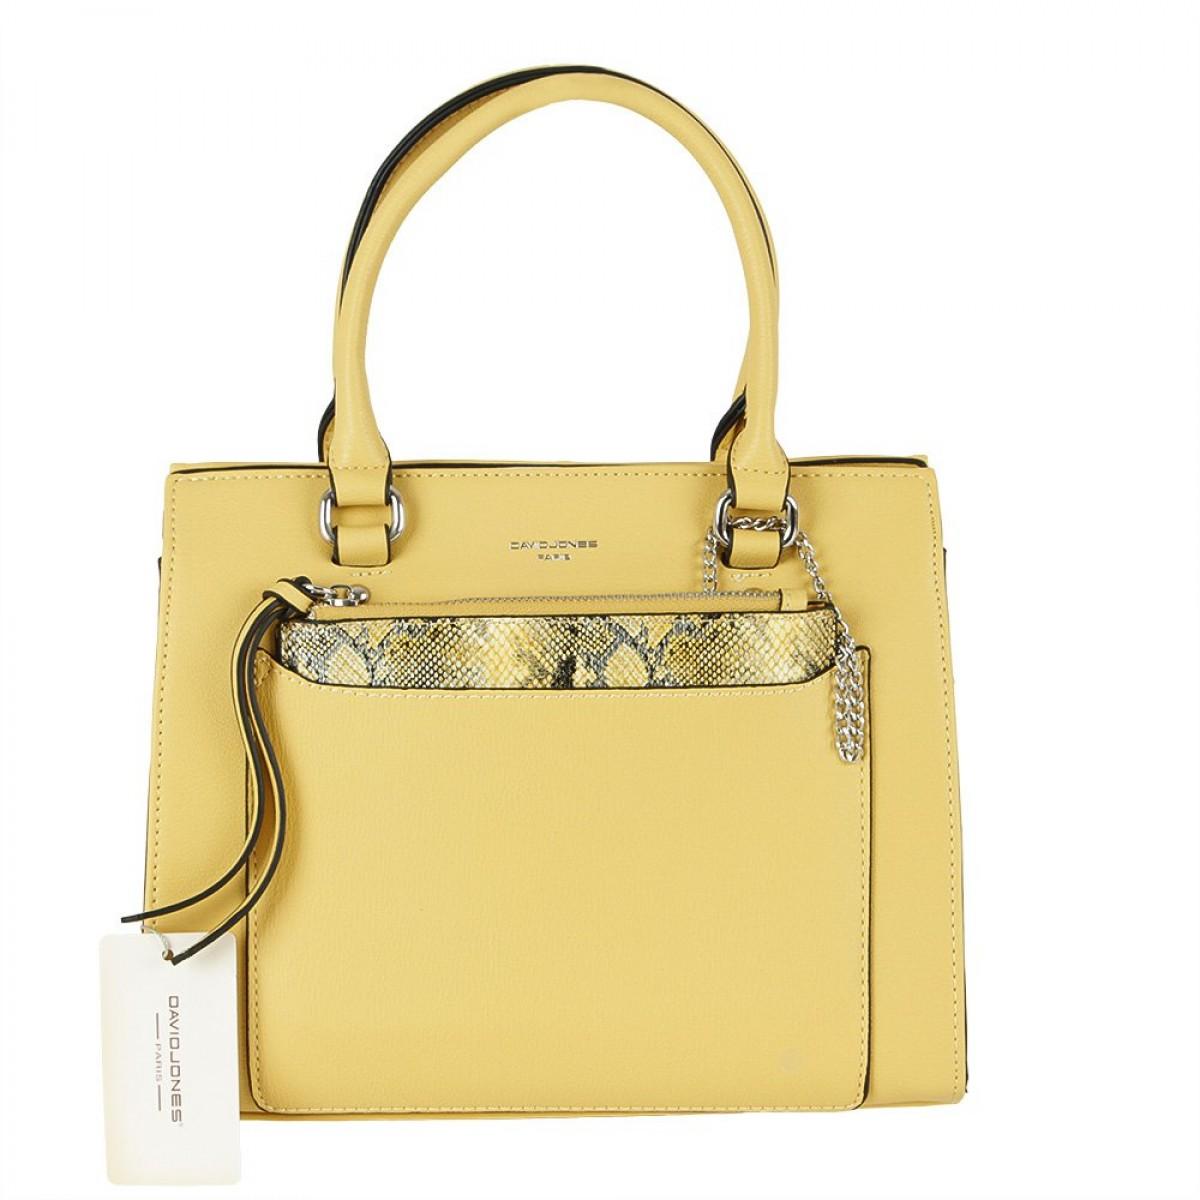 Жіноча сумка David Jones CM5638 YELLOW